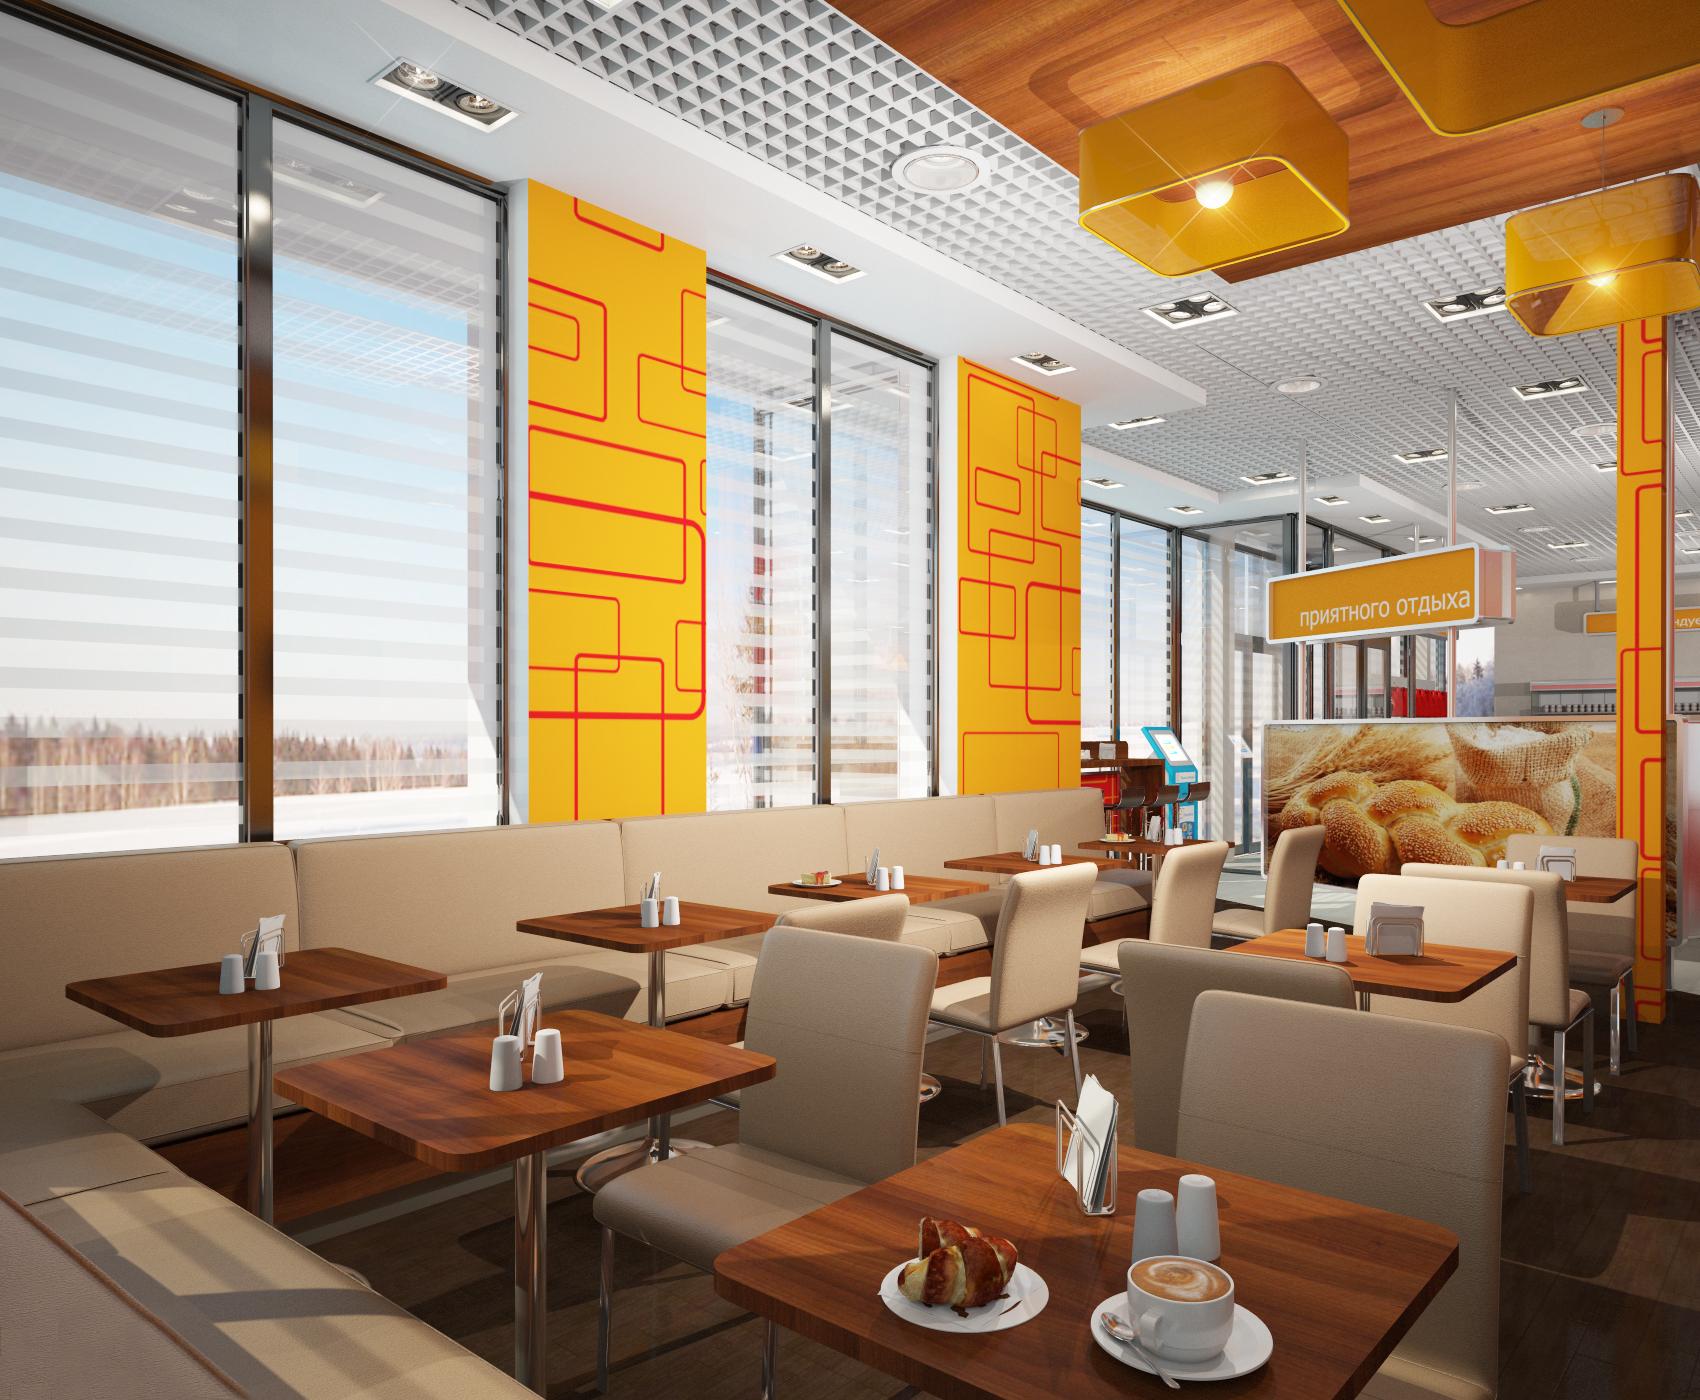 Дизайн интерьера домов, квартир, кафе, баров, ресторанов